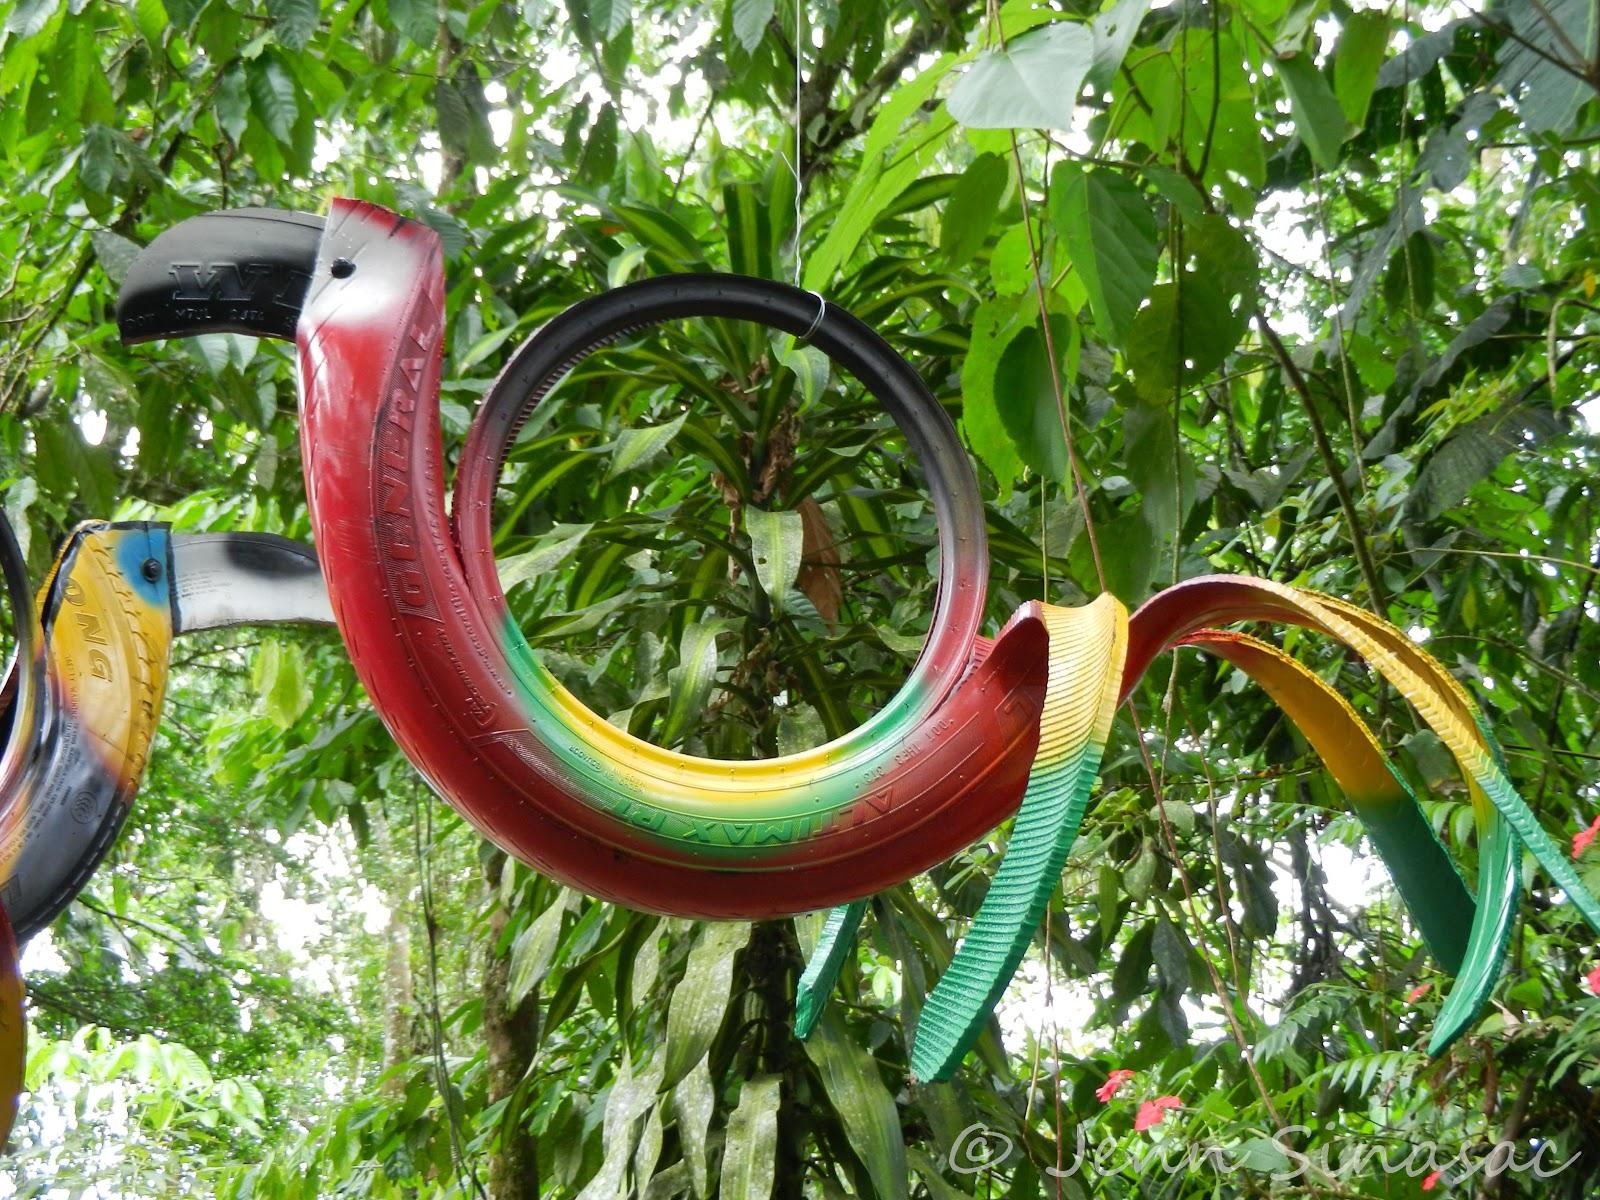 40+ Creative DIY Ideas to Repurpose Old Tire into Animal Shaped Garden Decor --> Tire Bird